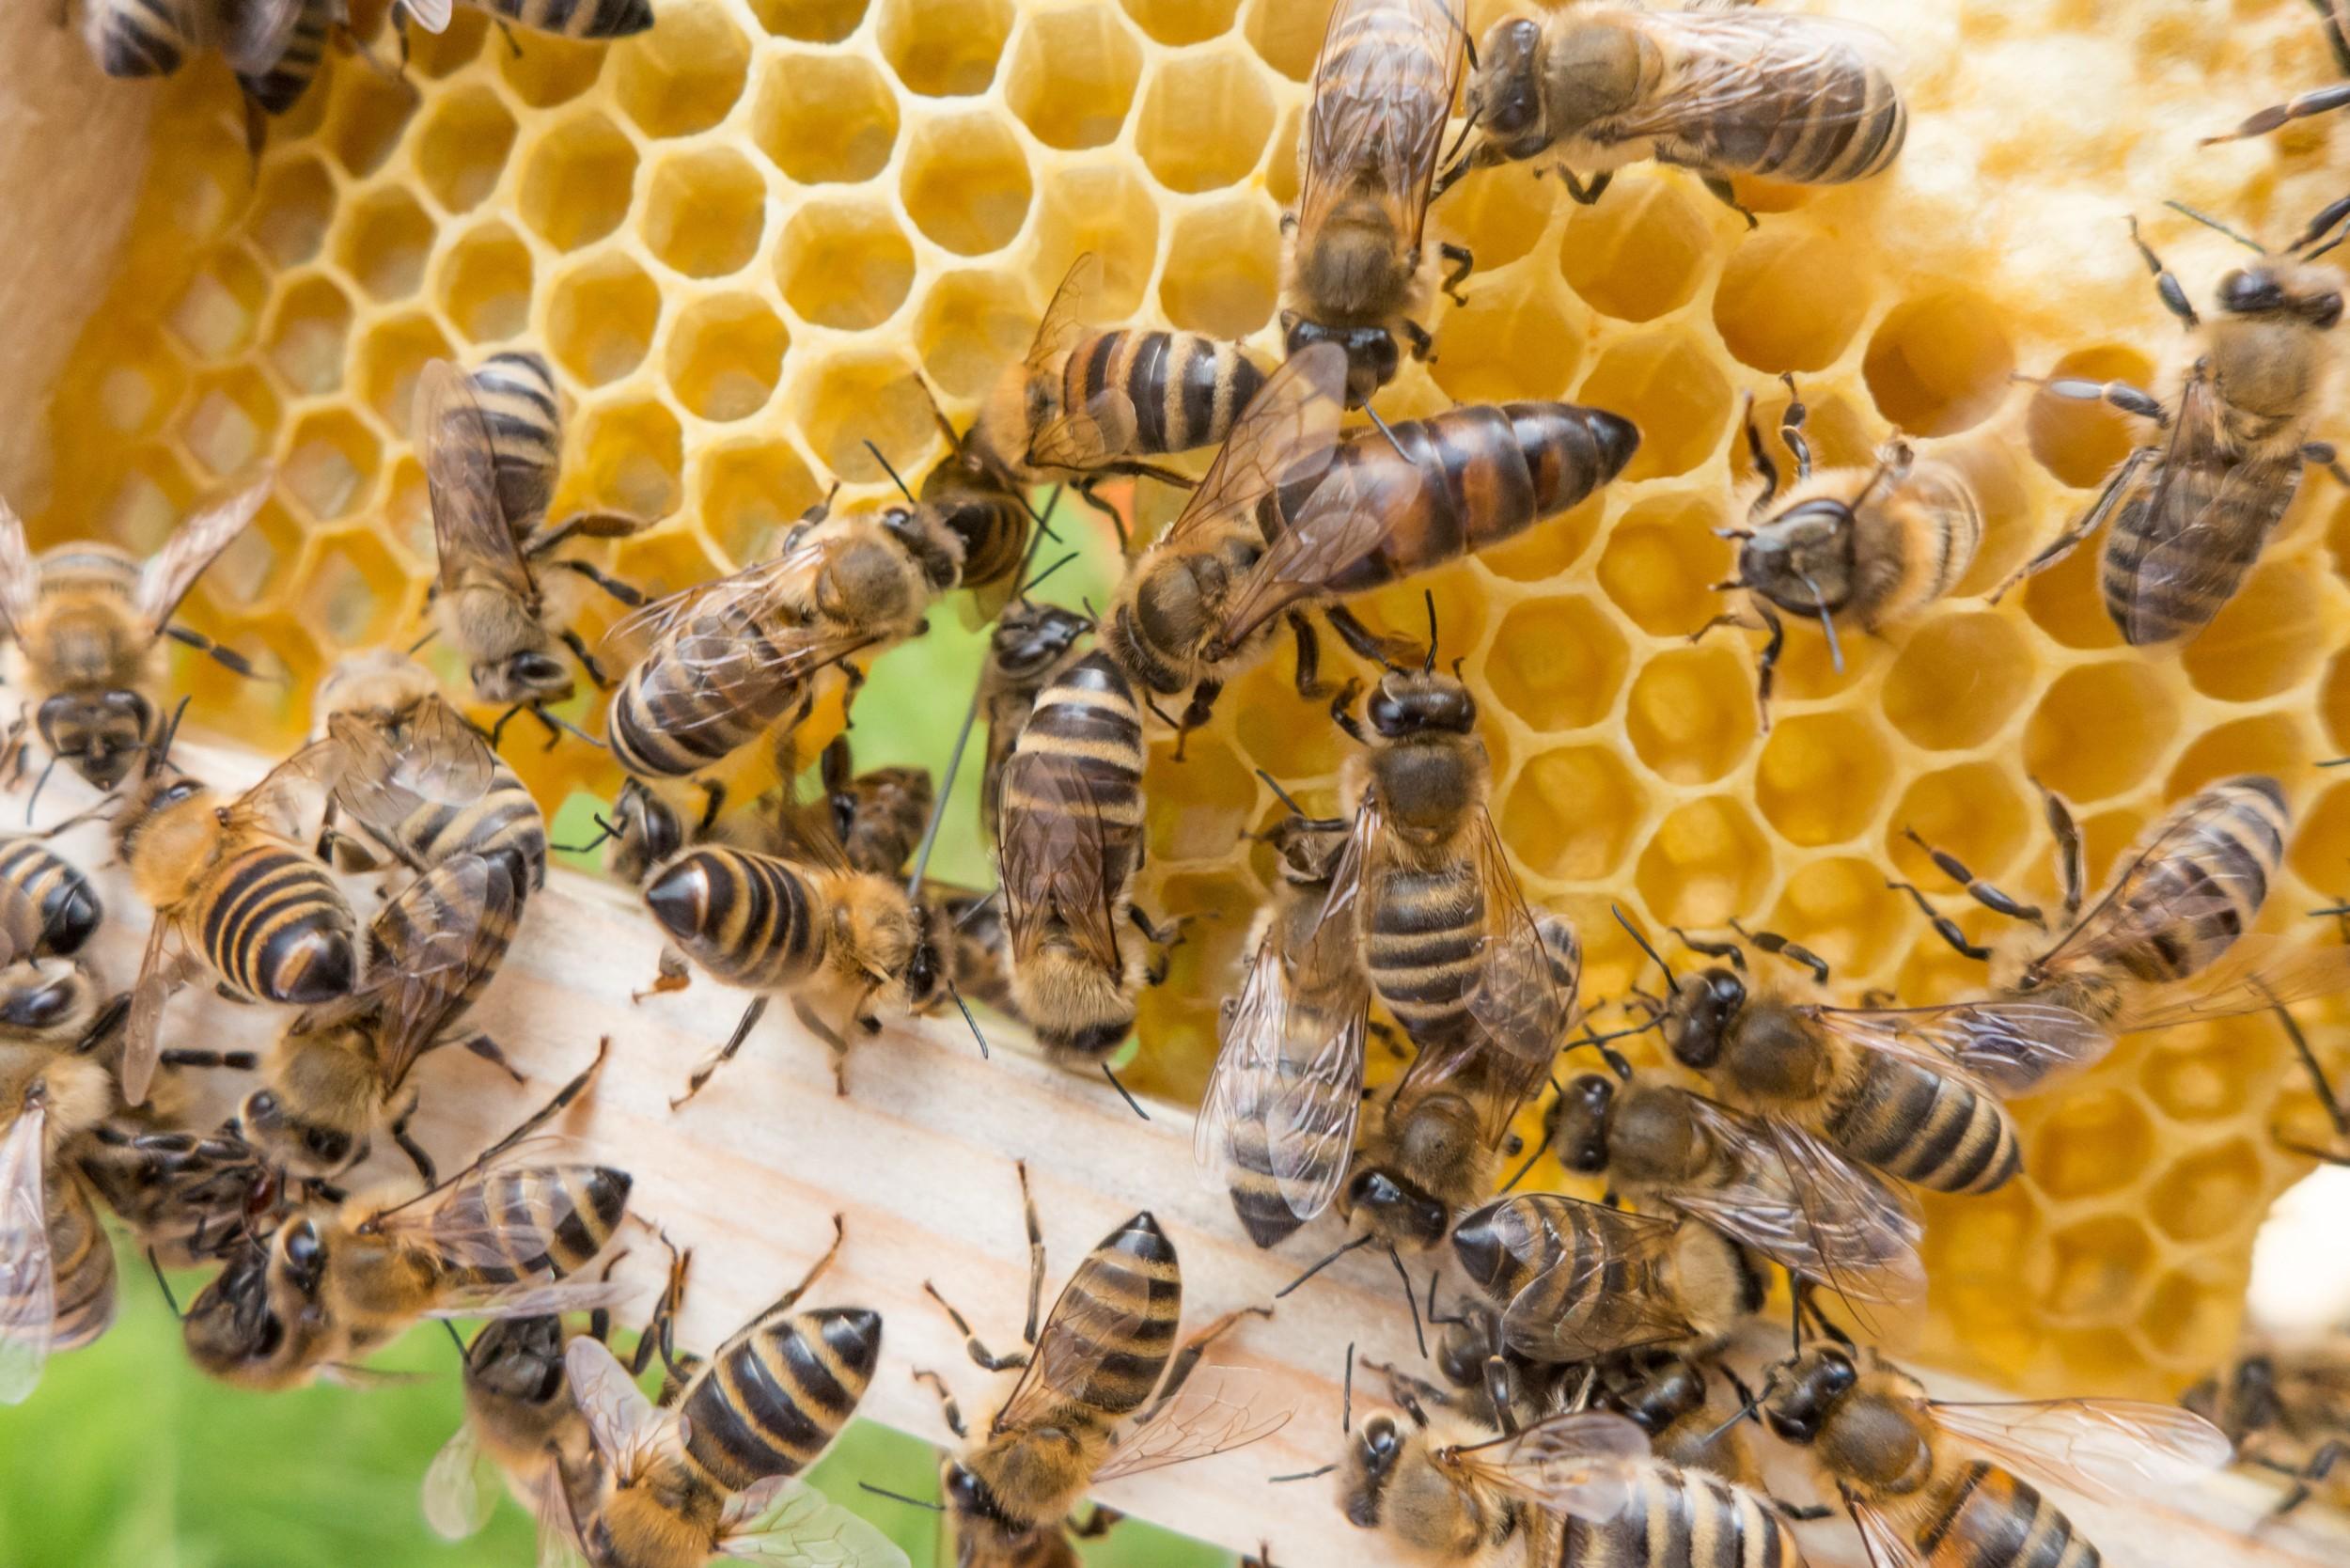 Plantio de milho transgênico matou 37 milhões de abelhas? Saiba a verdade!